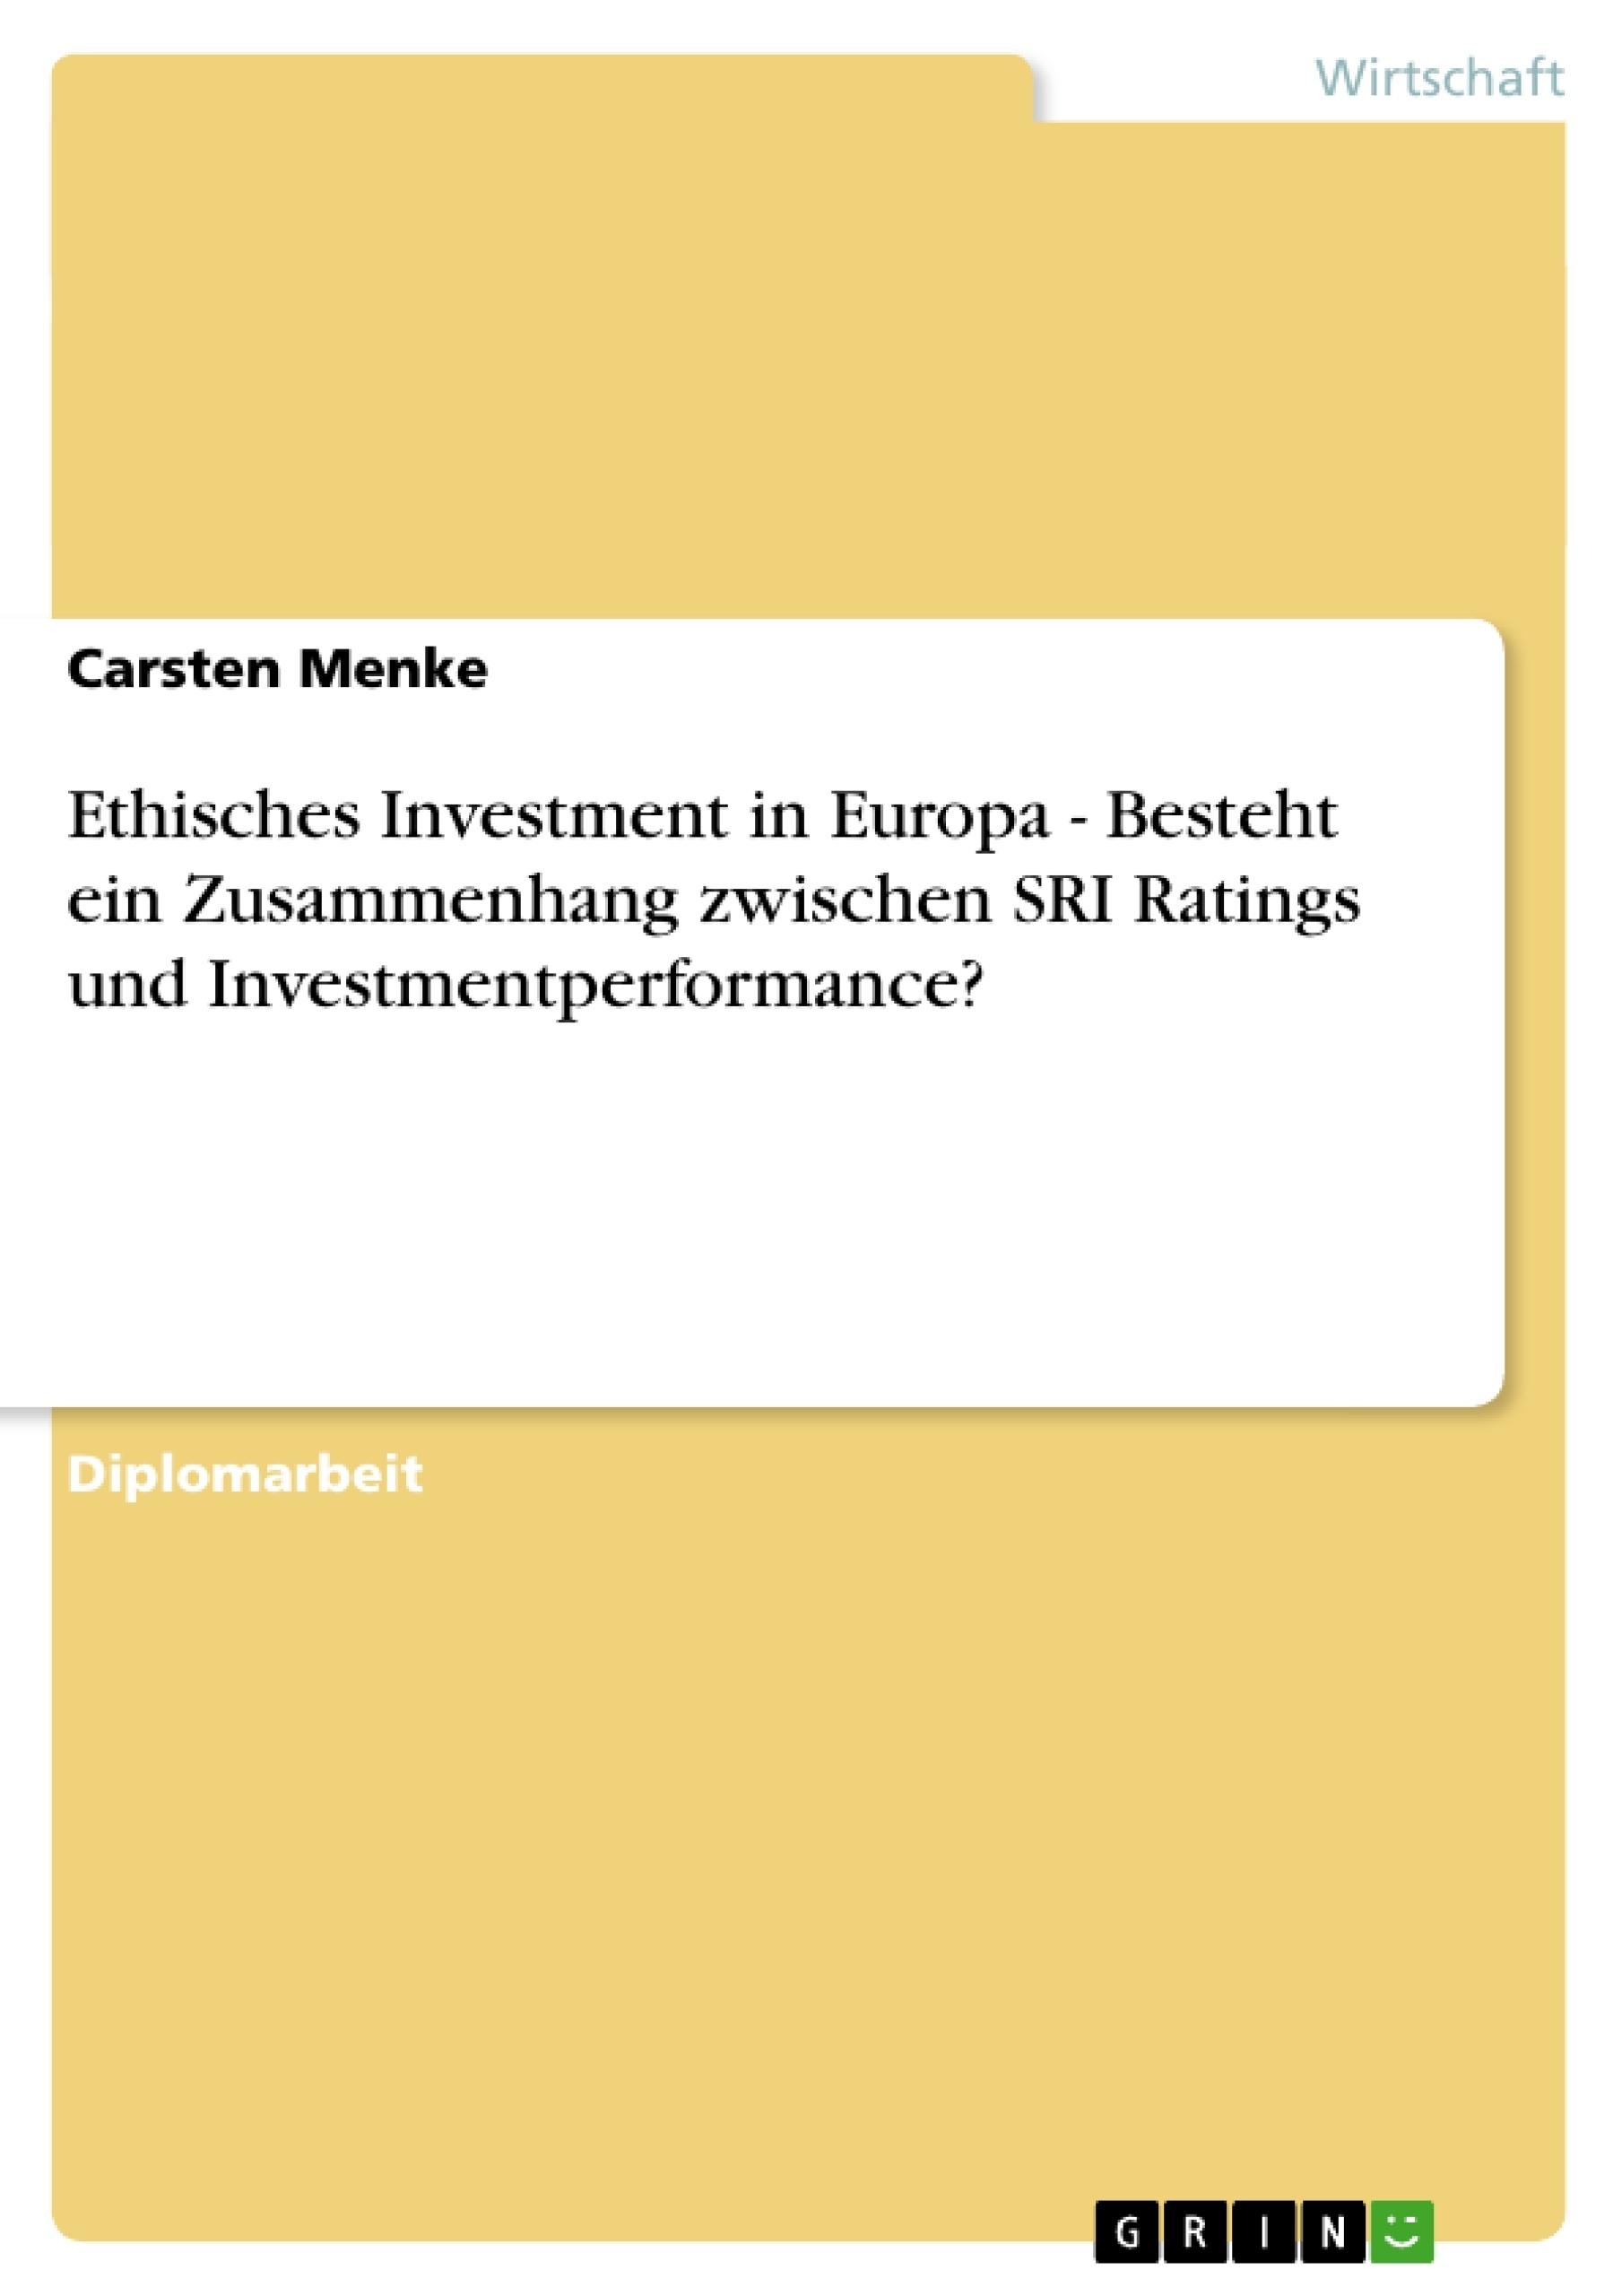 Titel: Ethisches Investment in Europa - Besteht ein Zusammenhang zwischen SRI Ratings und Investmentperformance?